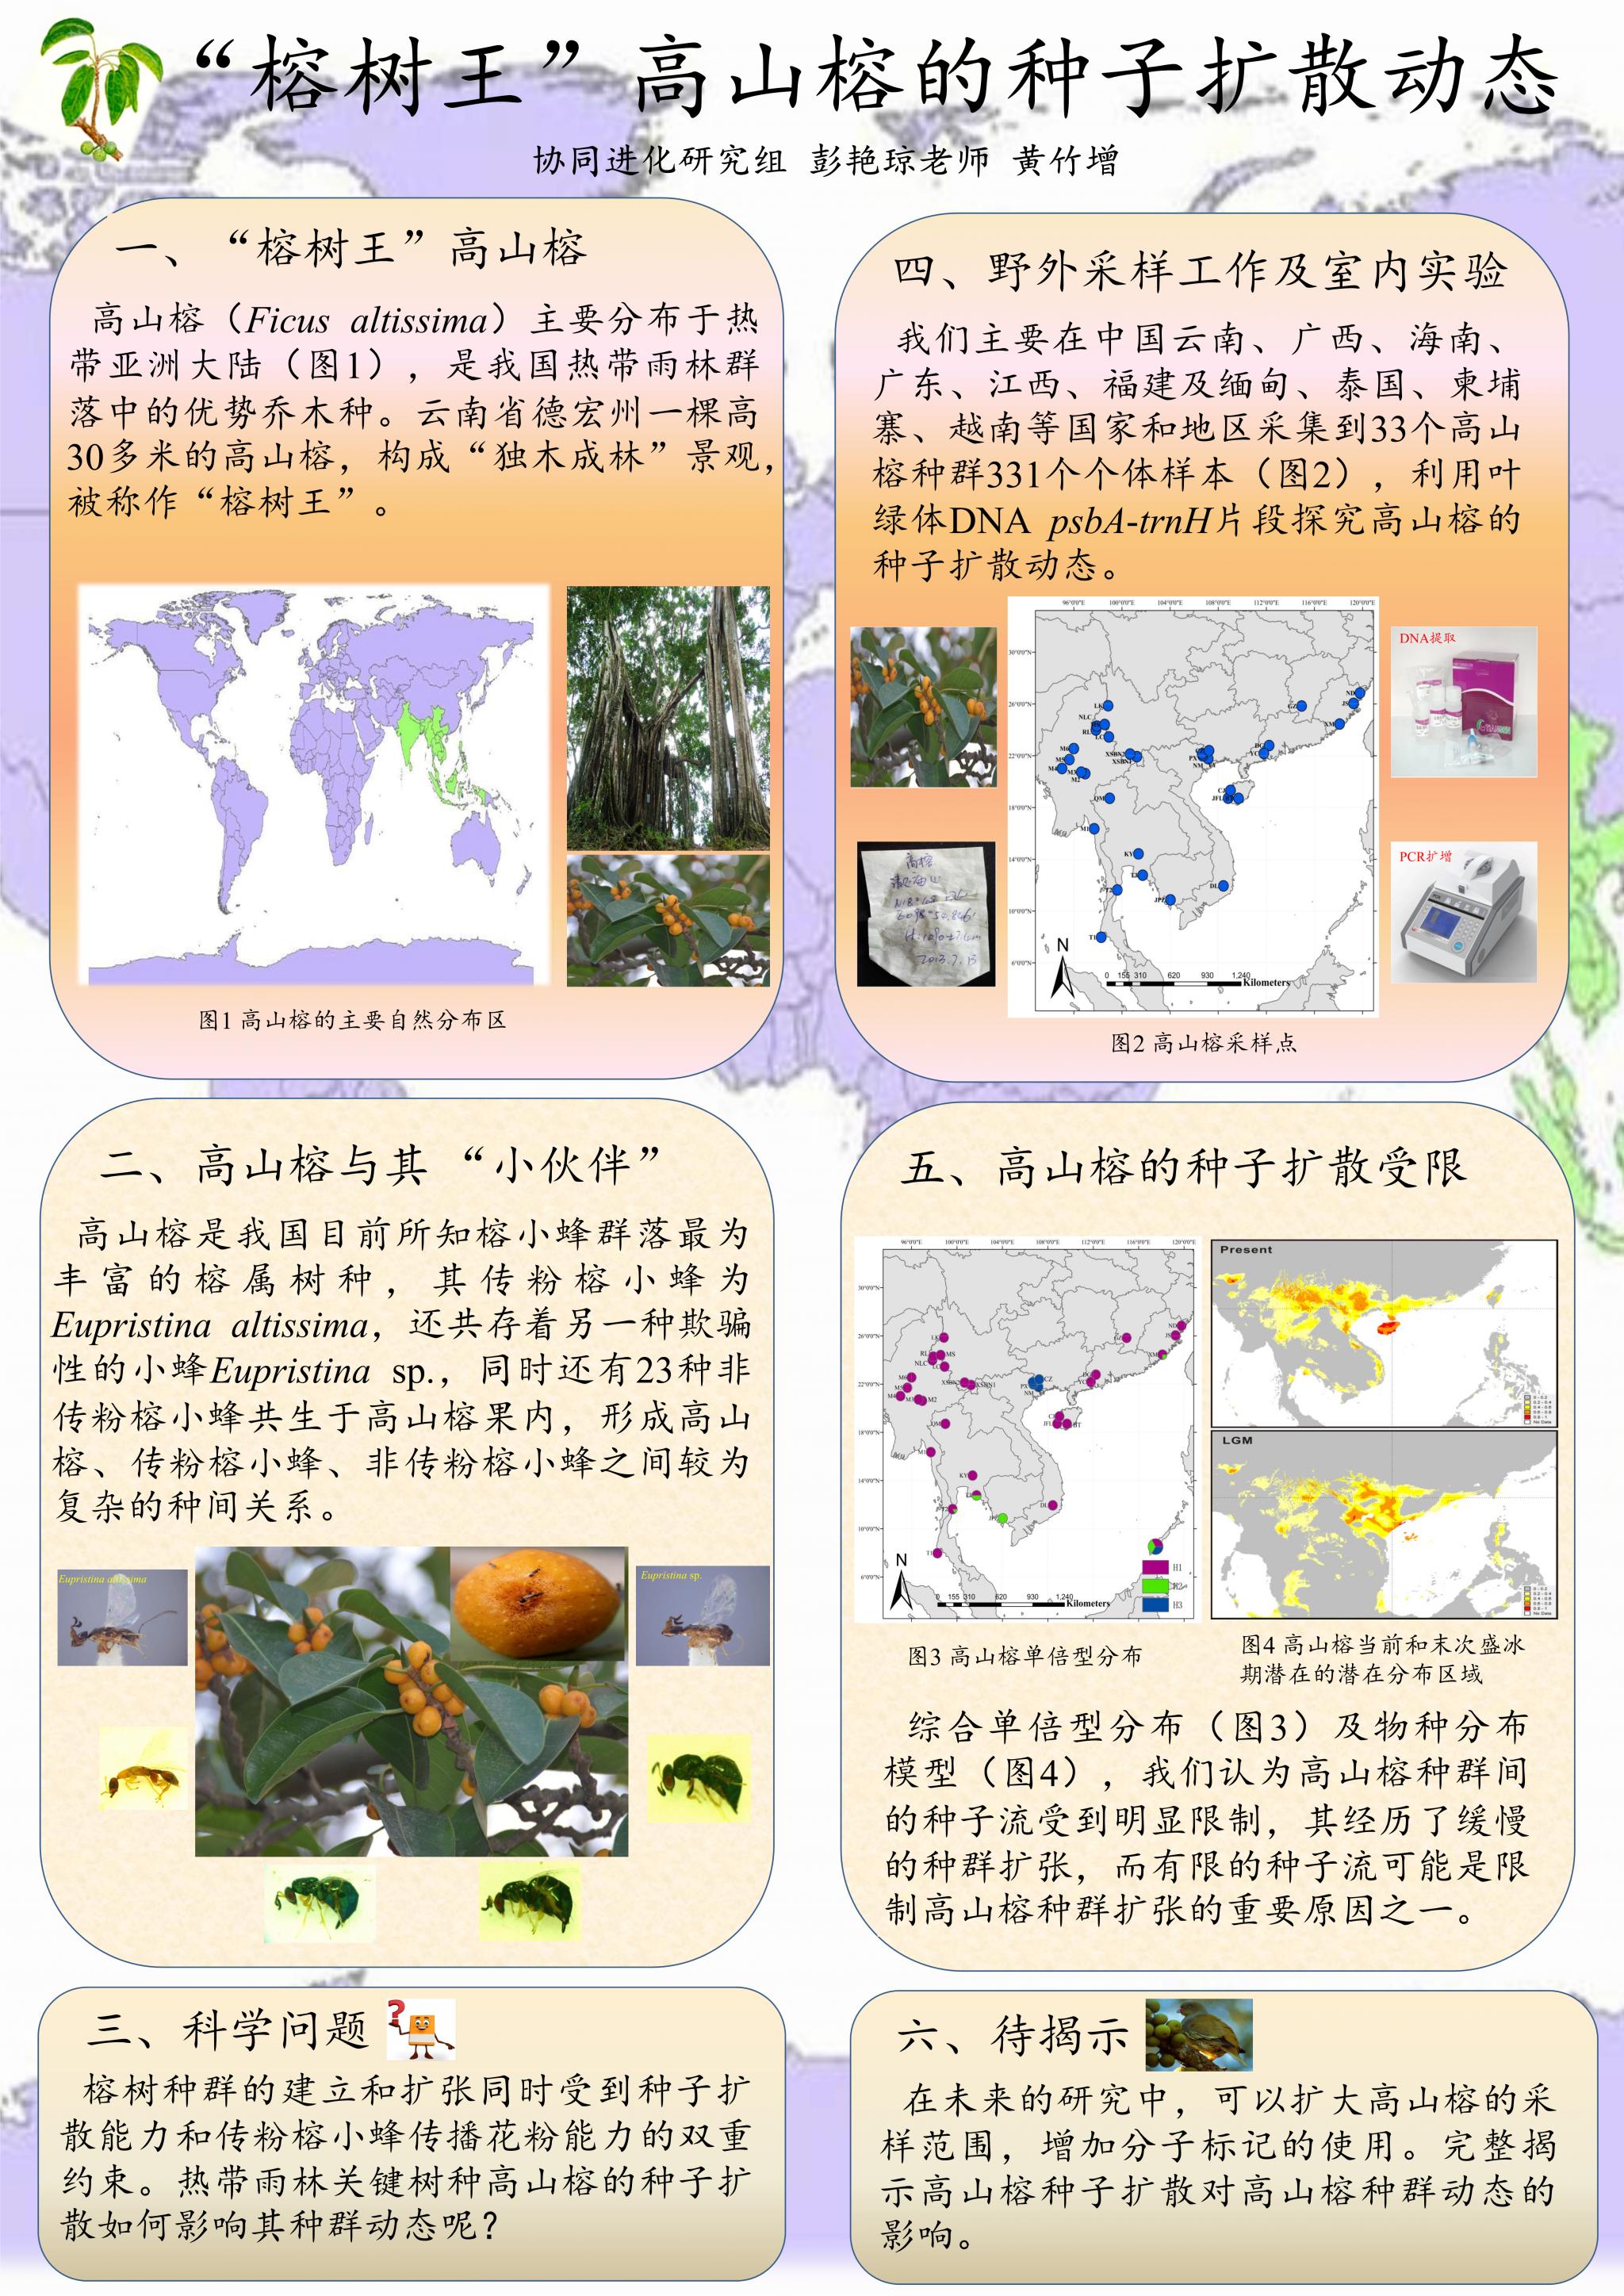 黄竹增-高山榕的种子扩散动态